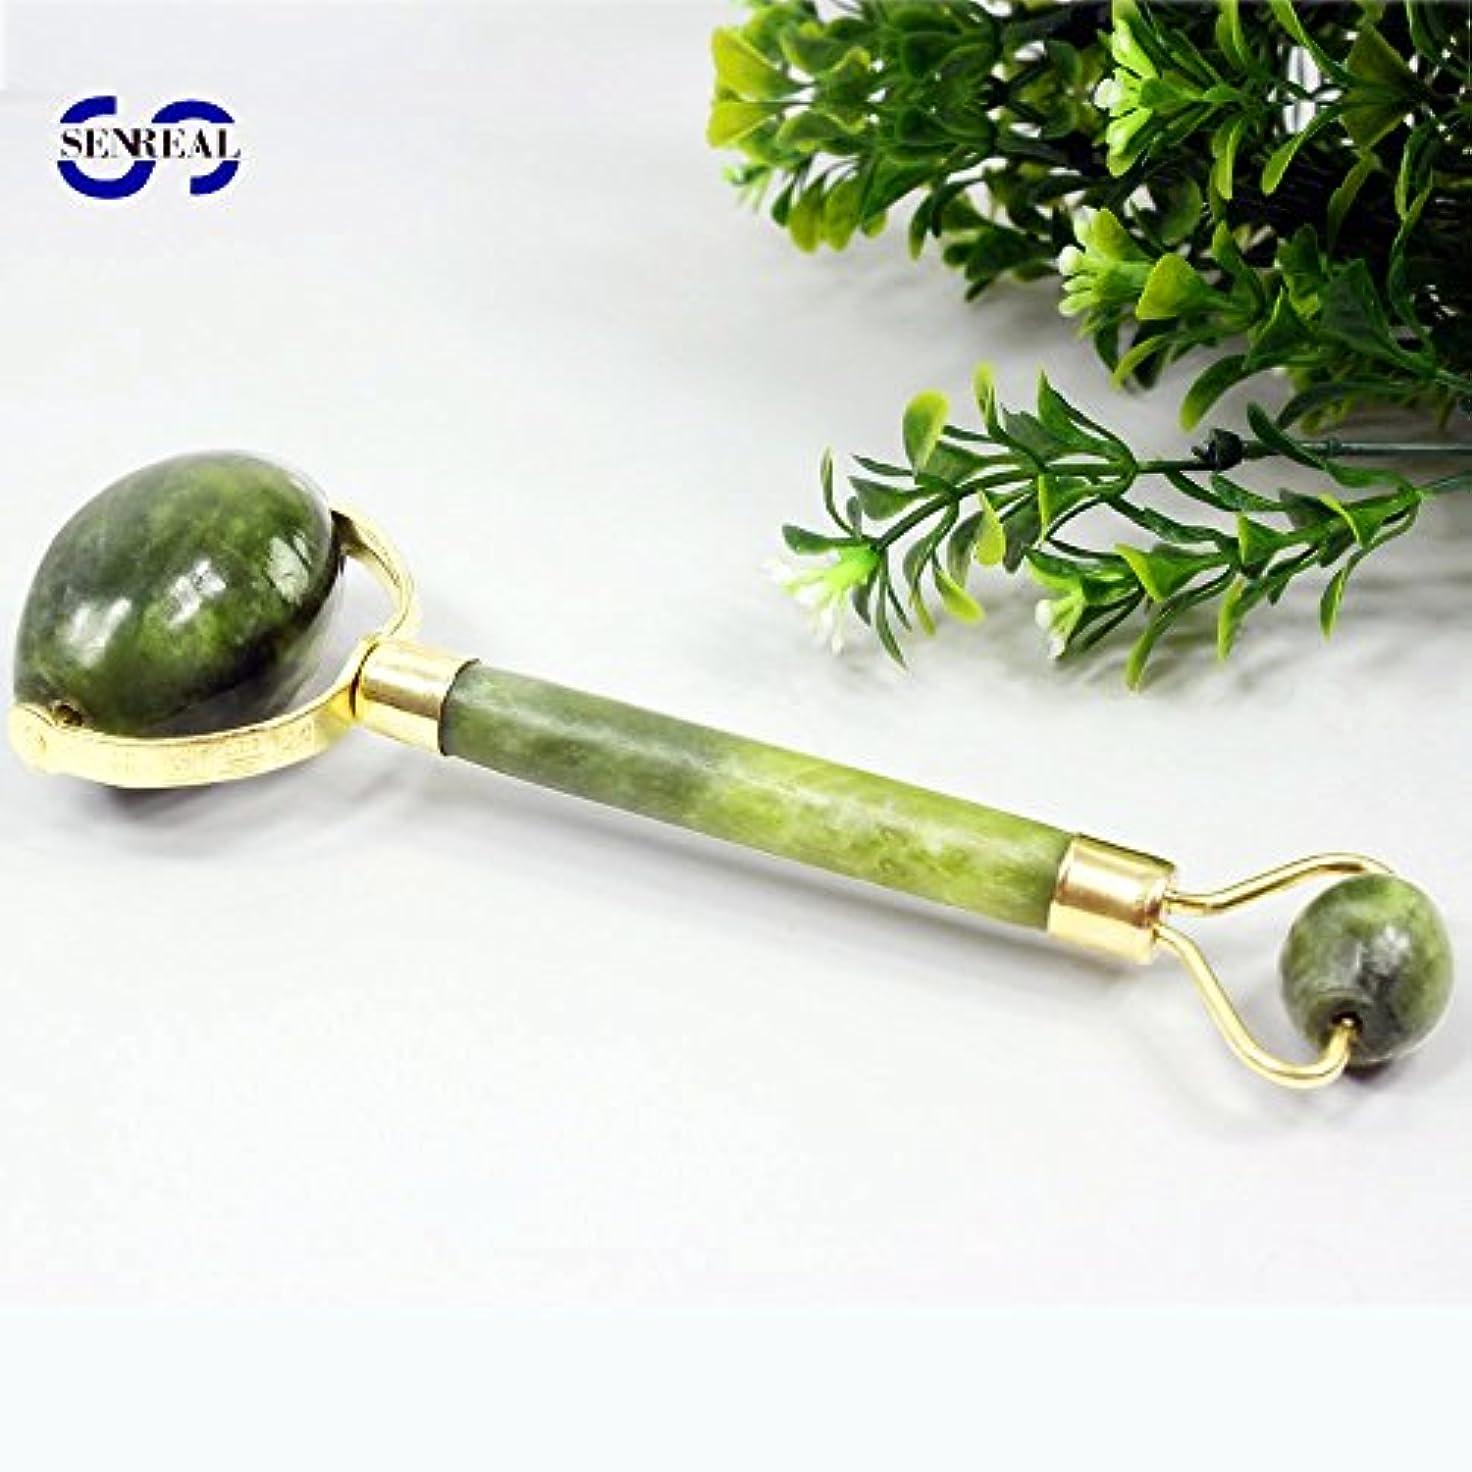 第九意外スチュアート島Echo & Kern  グリーンアベンチュリンの美顔ローラーフェイスマッサジローラー Double head Jade Roller Spa massage tool